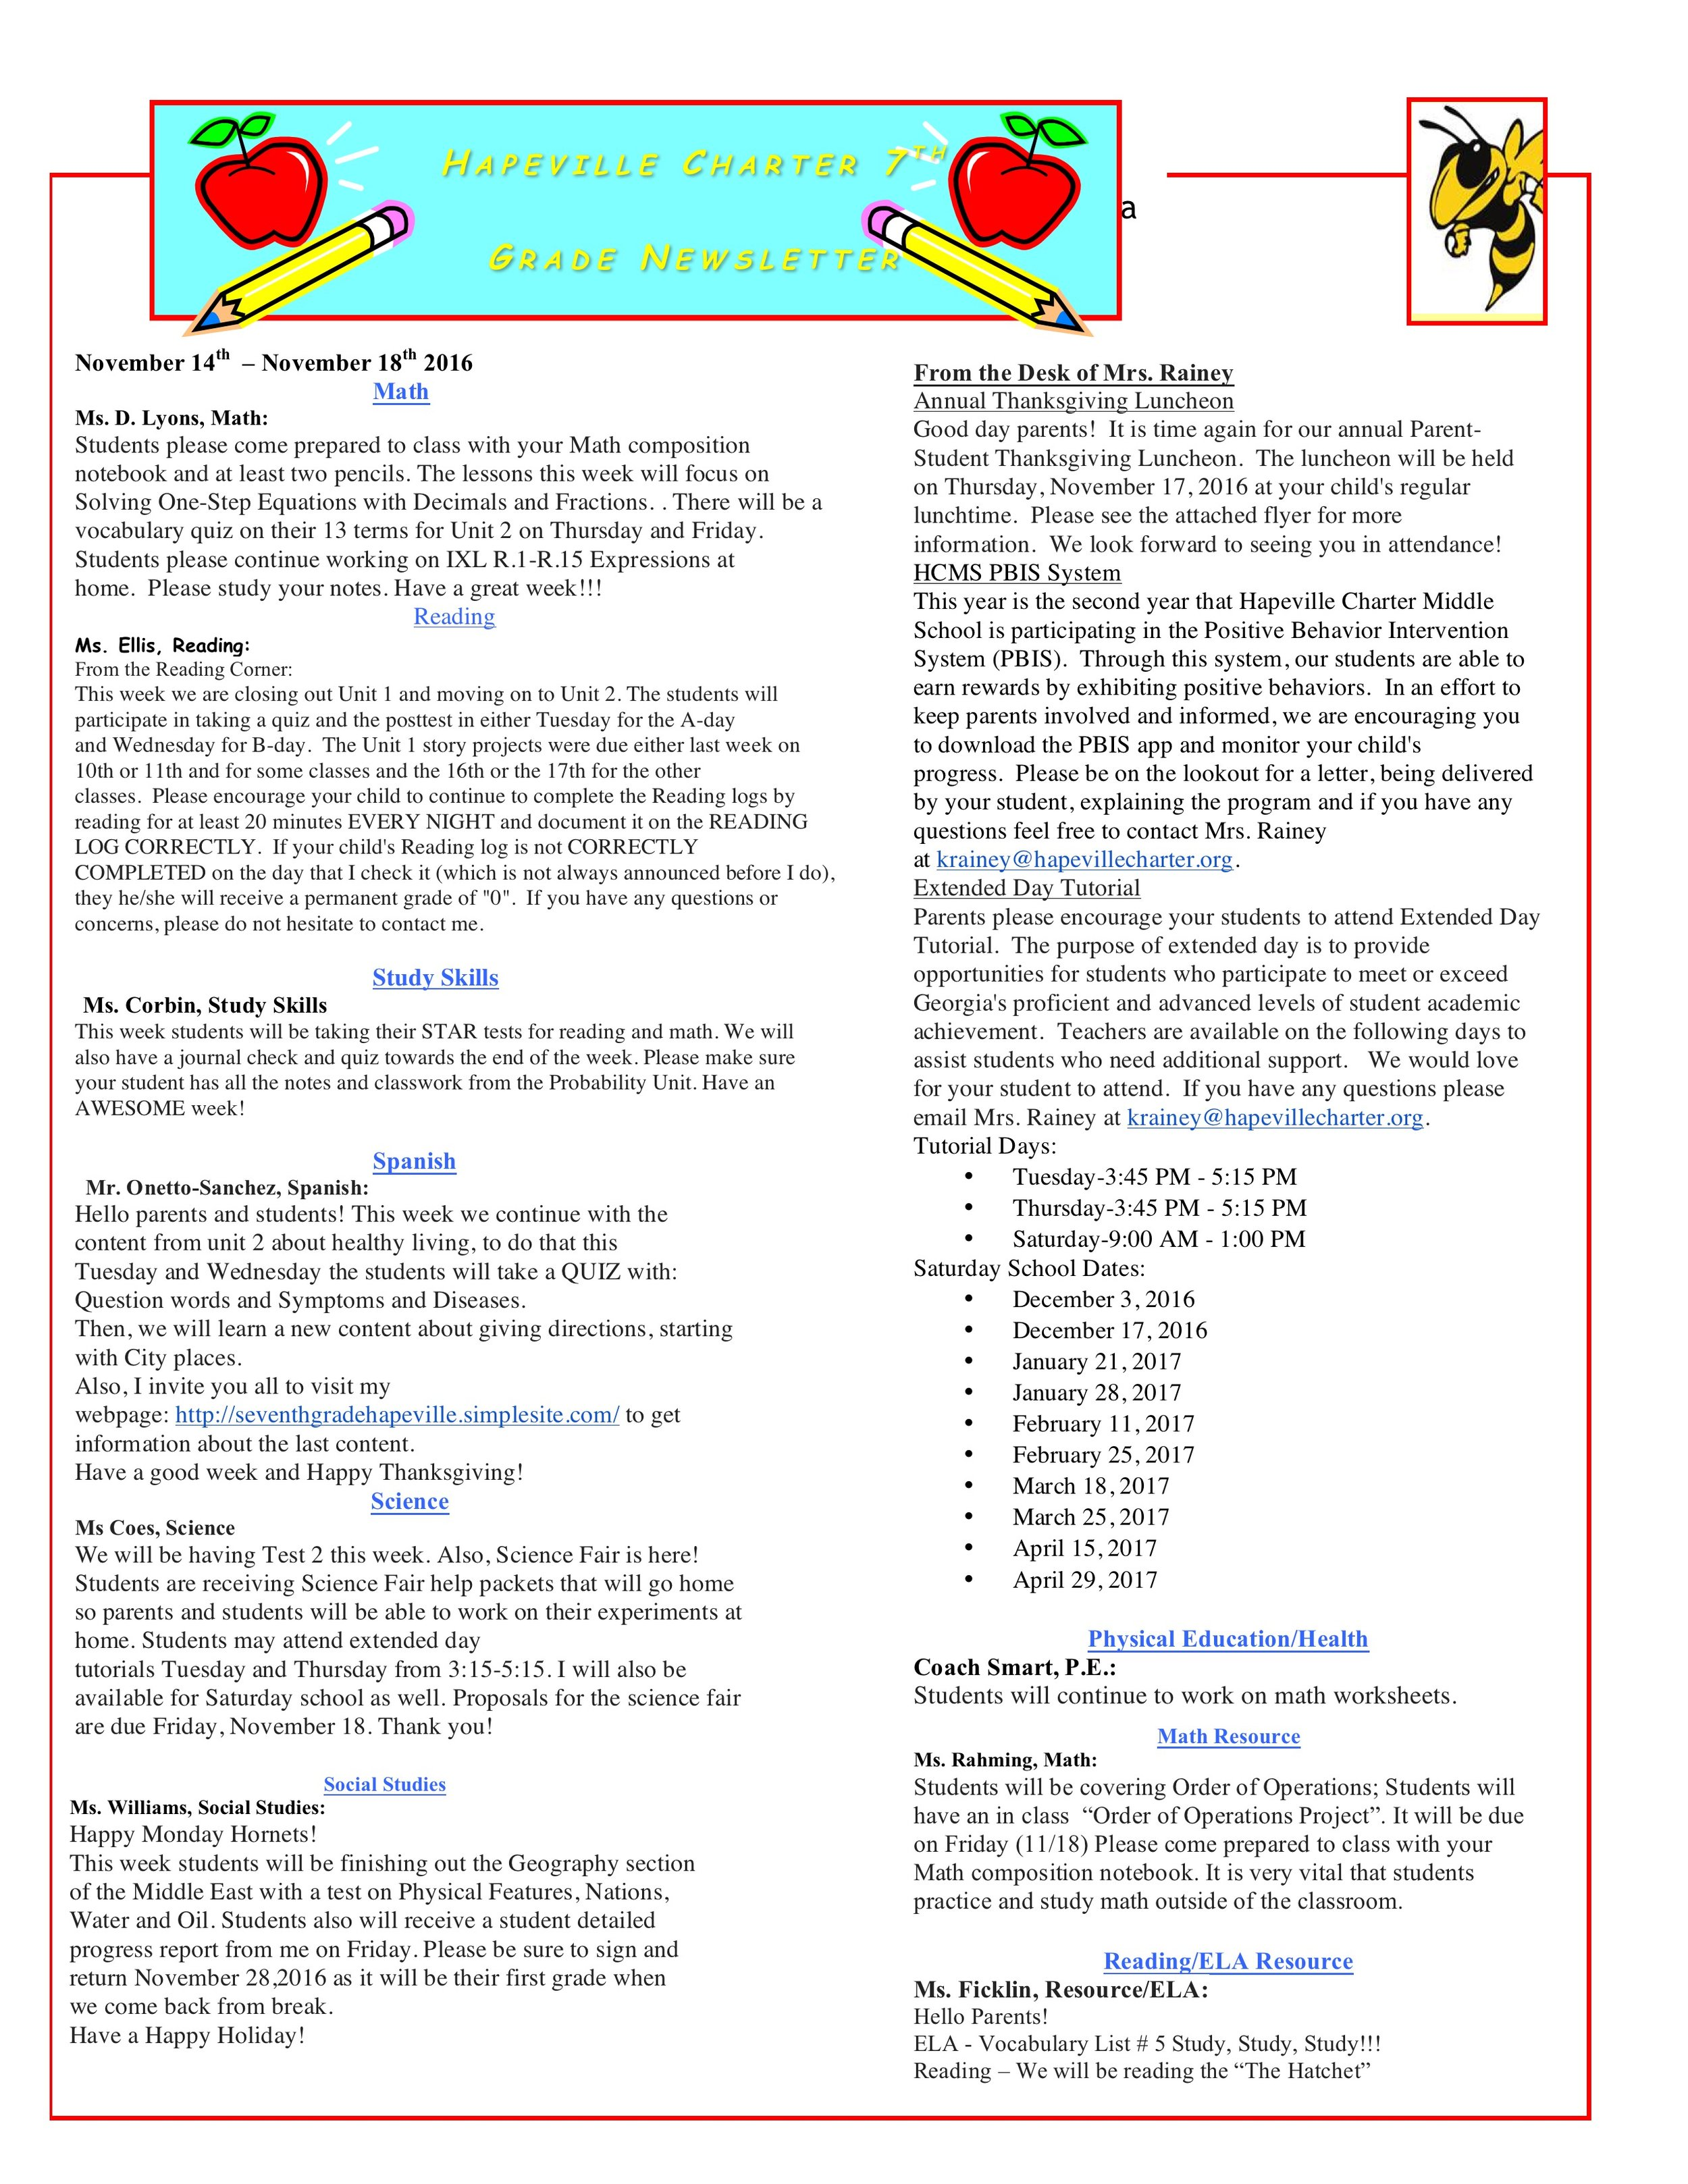 Newsletter Image7th Grade Newsletter 11.14.2016 .jpeg